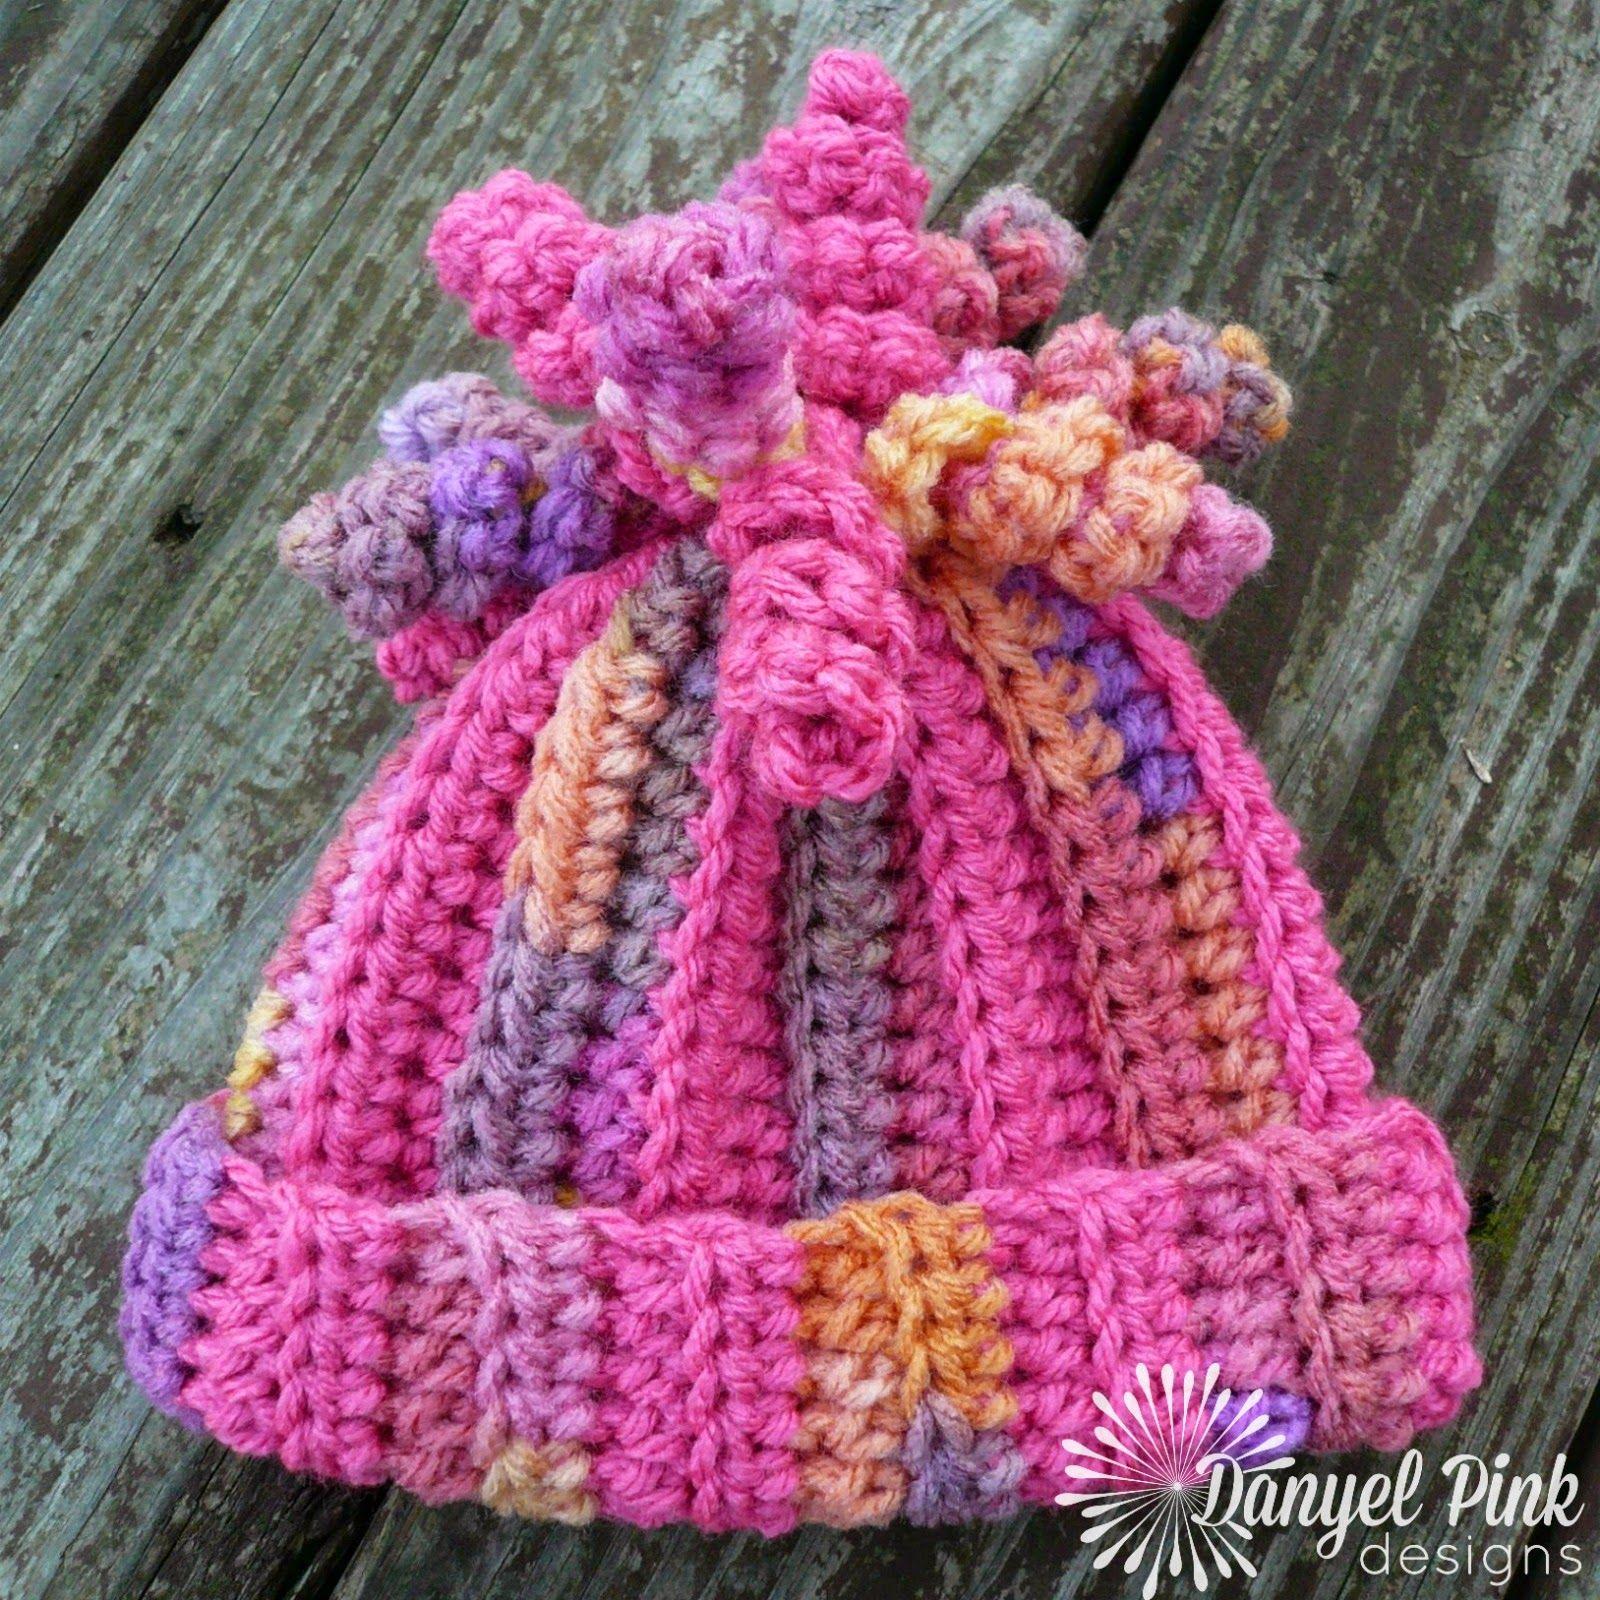 Danyel Pink Designs: PATRÓN DE CROCHET - Delaney Sombrero | Ponchos ...